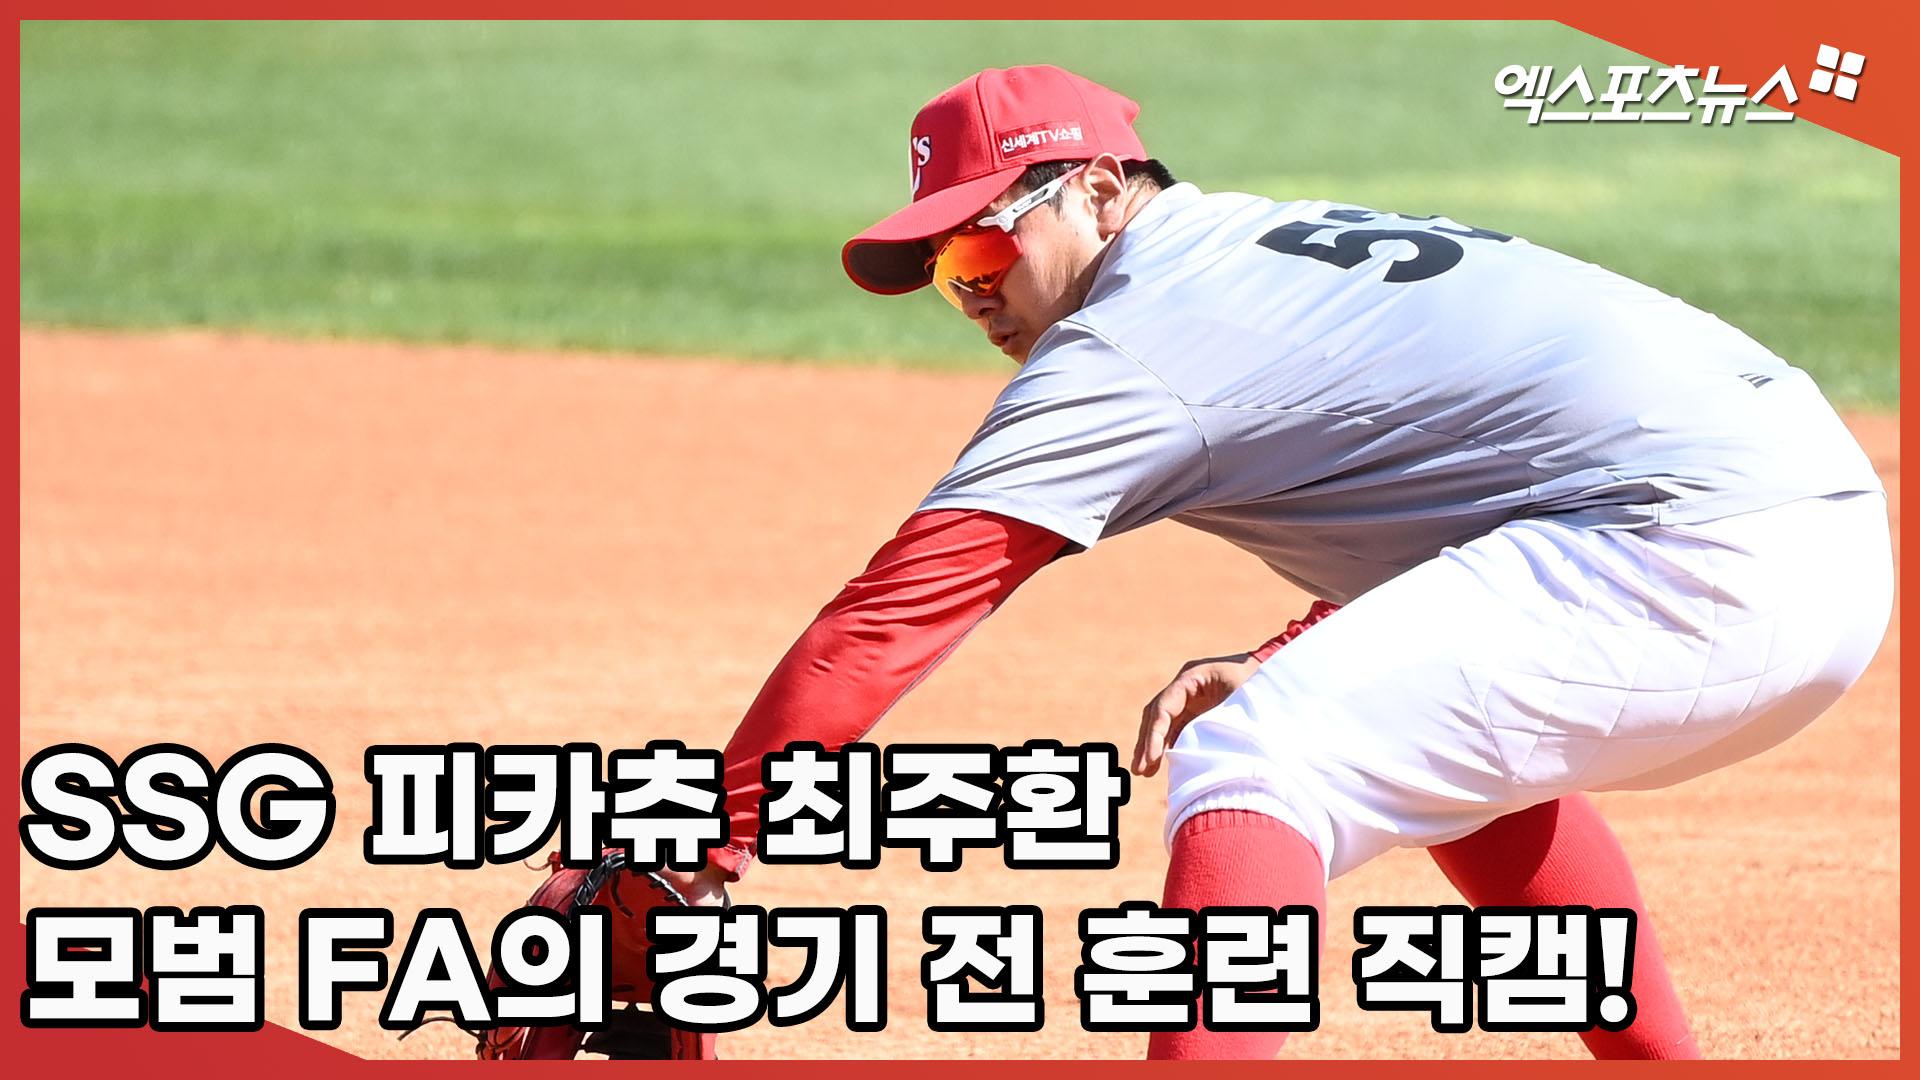 SSG 피카츄 최주환, 모범FA의 경기 전 훈련 직캠! [엑's 스케치]